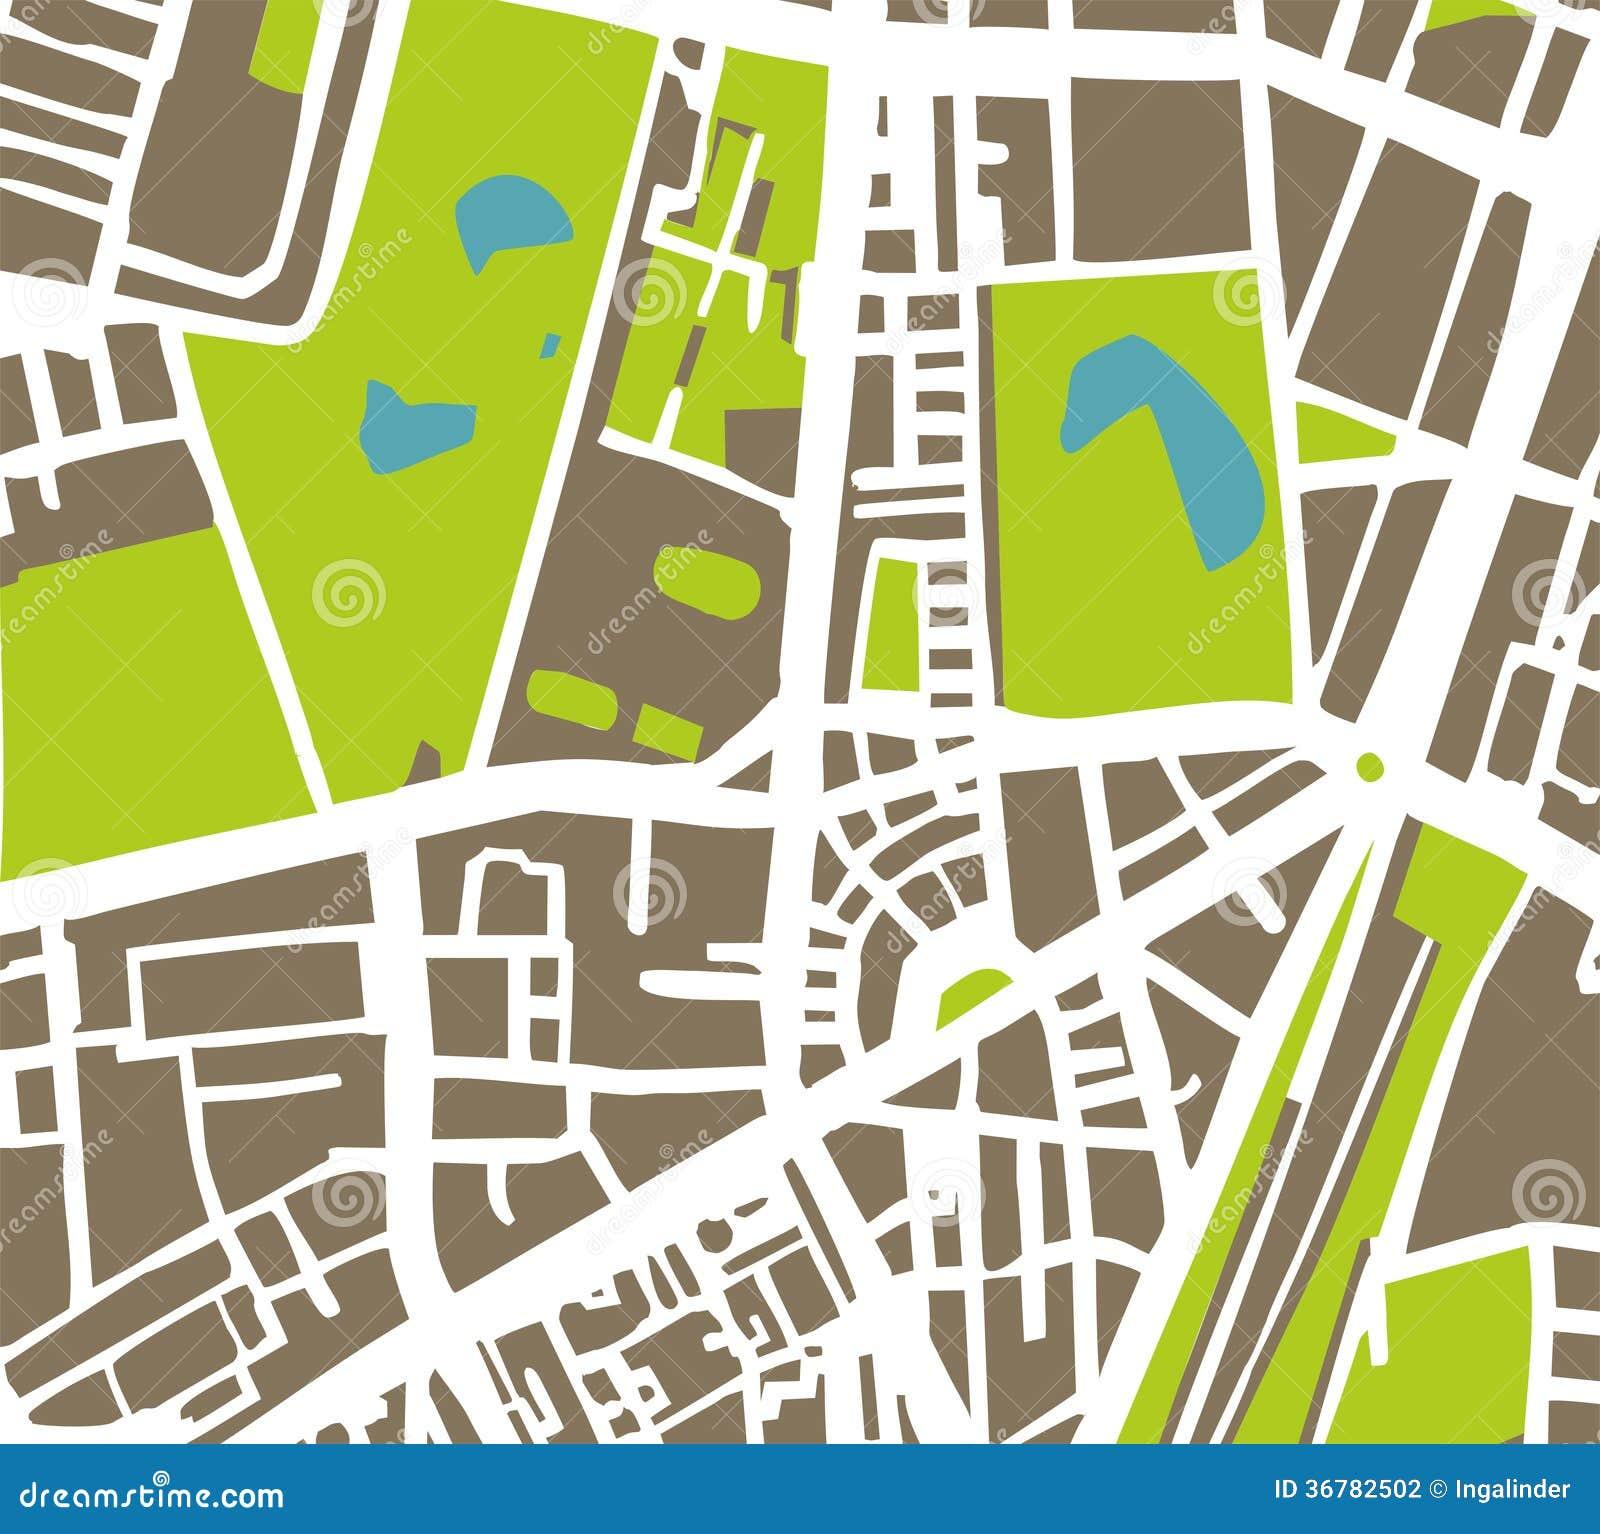 Illustrazione astratta di vettore della mappa della città